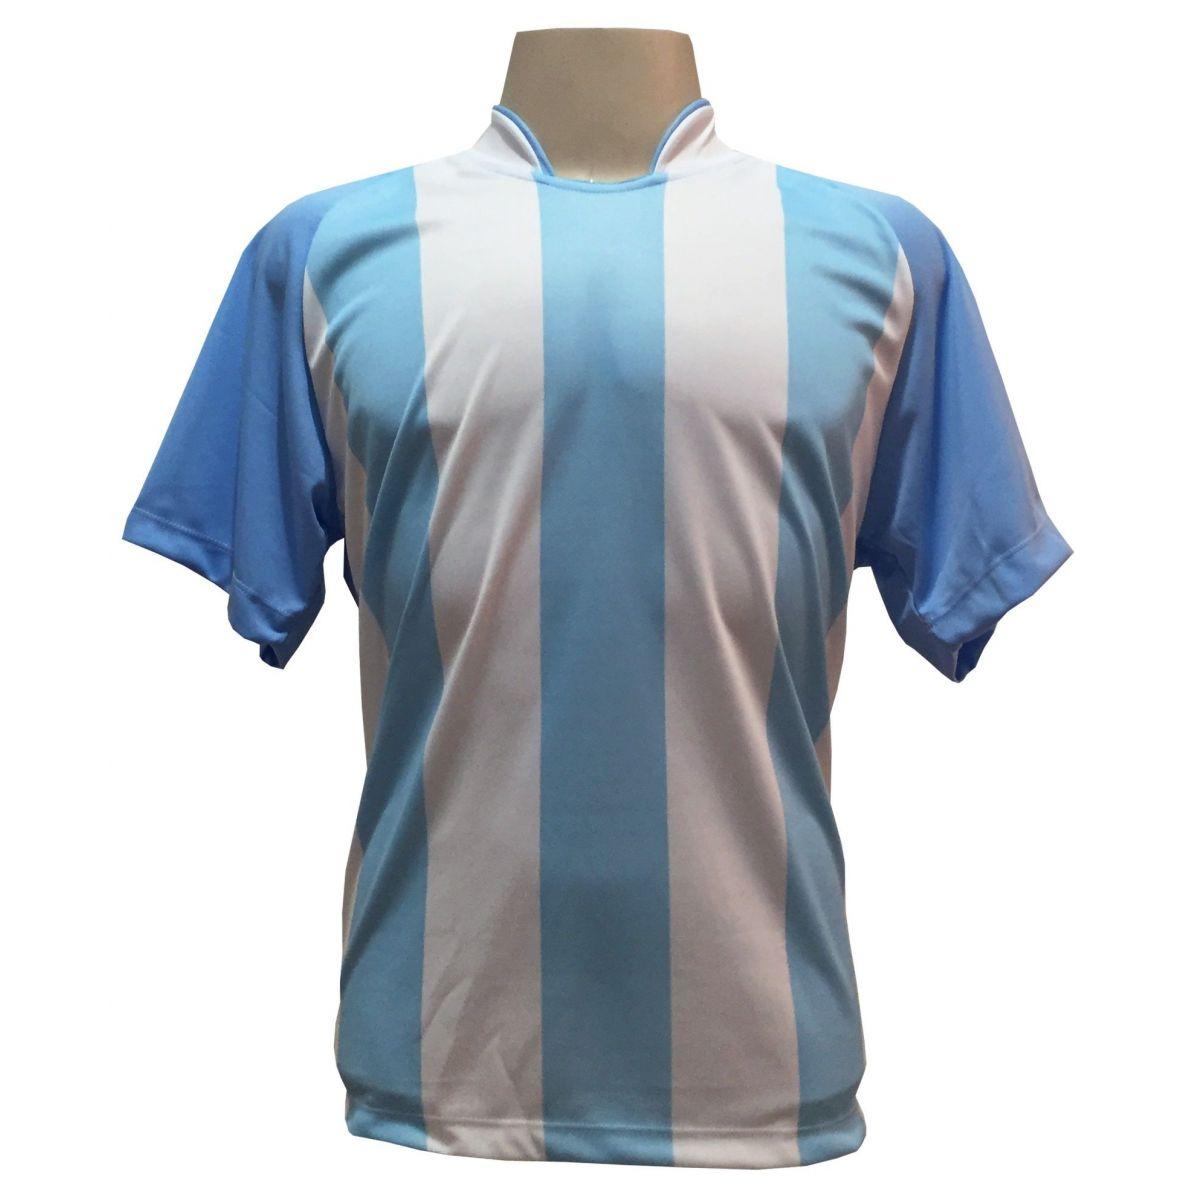 Uniforme Esportivo com 12 camisas modelo Milan Celeste/Branco + 12 calções modelo Copa + 1 Goleiro + Brindes